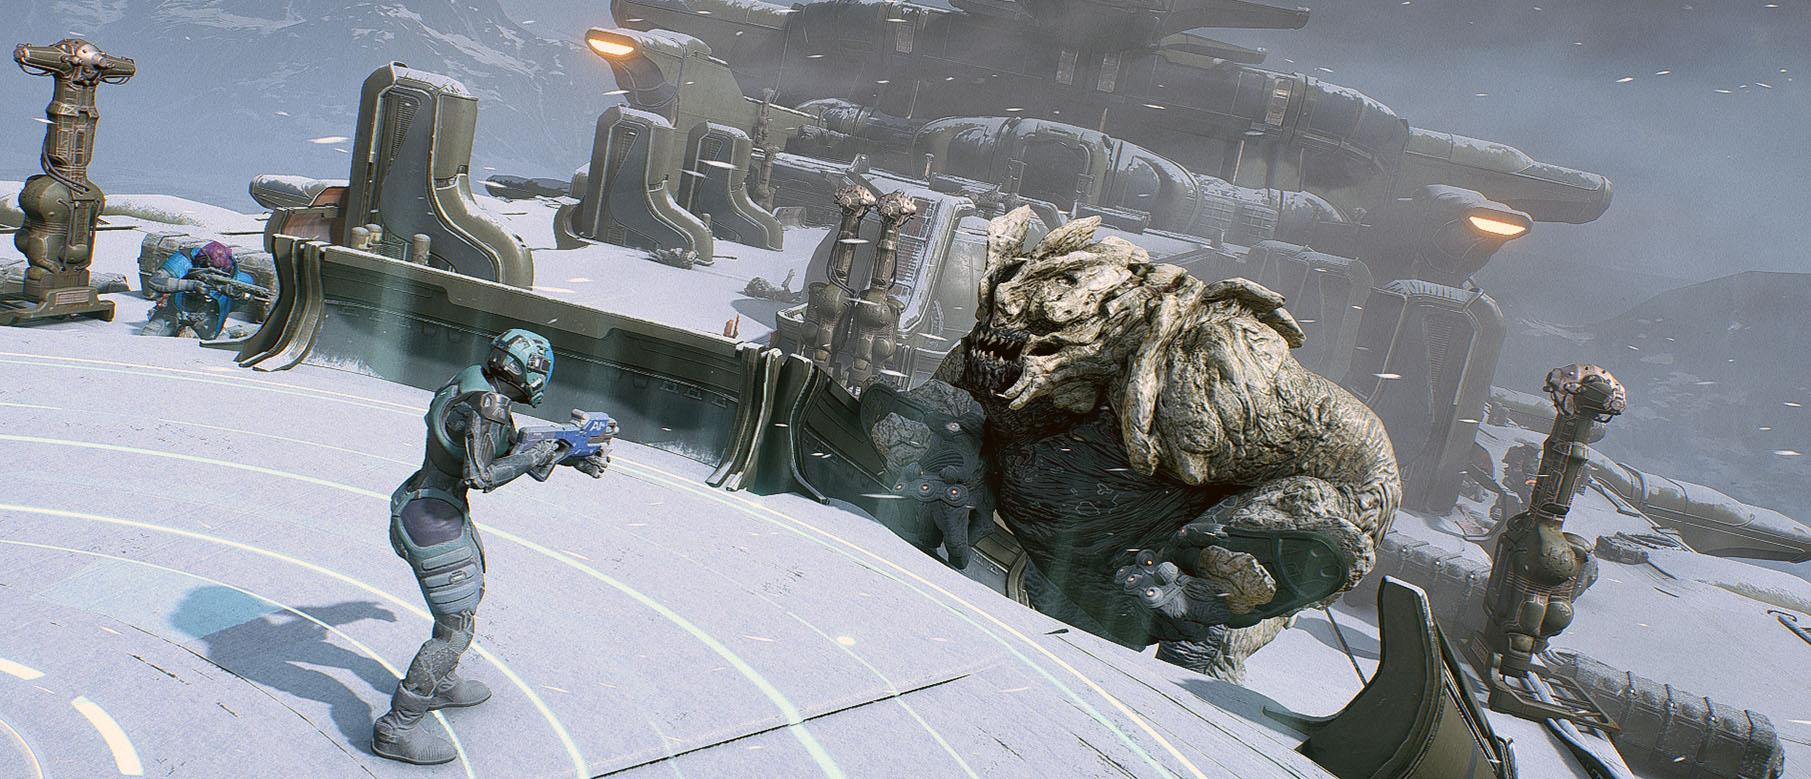 Mass Effect Andromeda X5 Ghost: Вы могли не заметить, но Bioware уже добавили винтовку X5